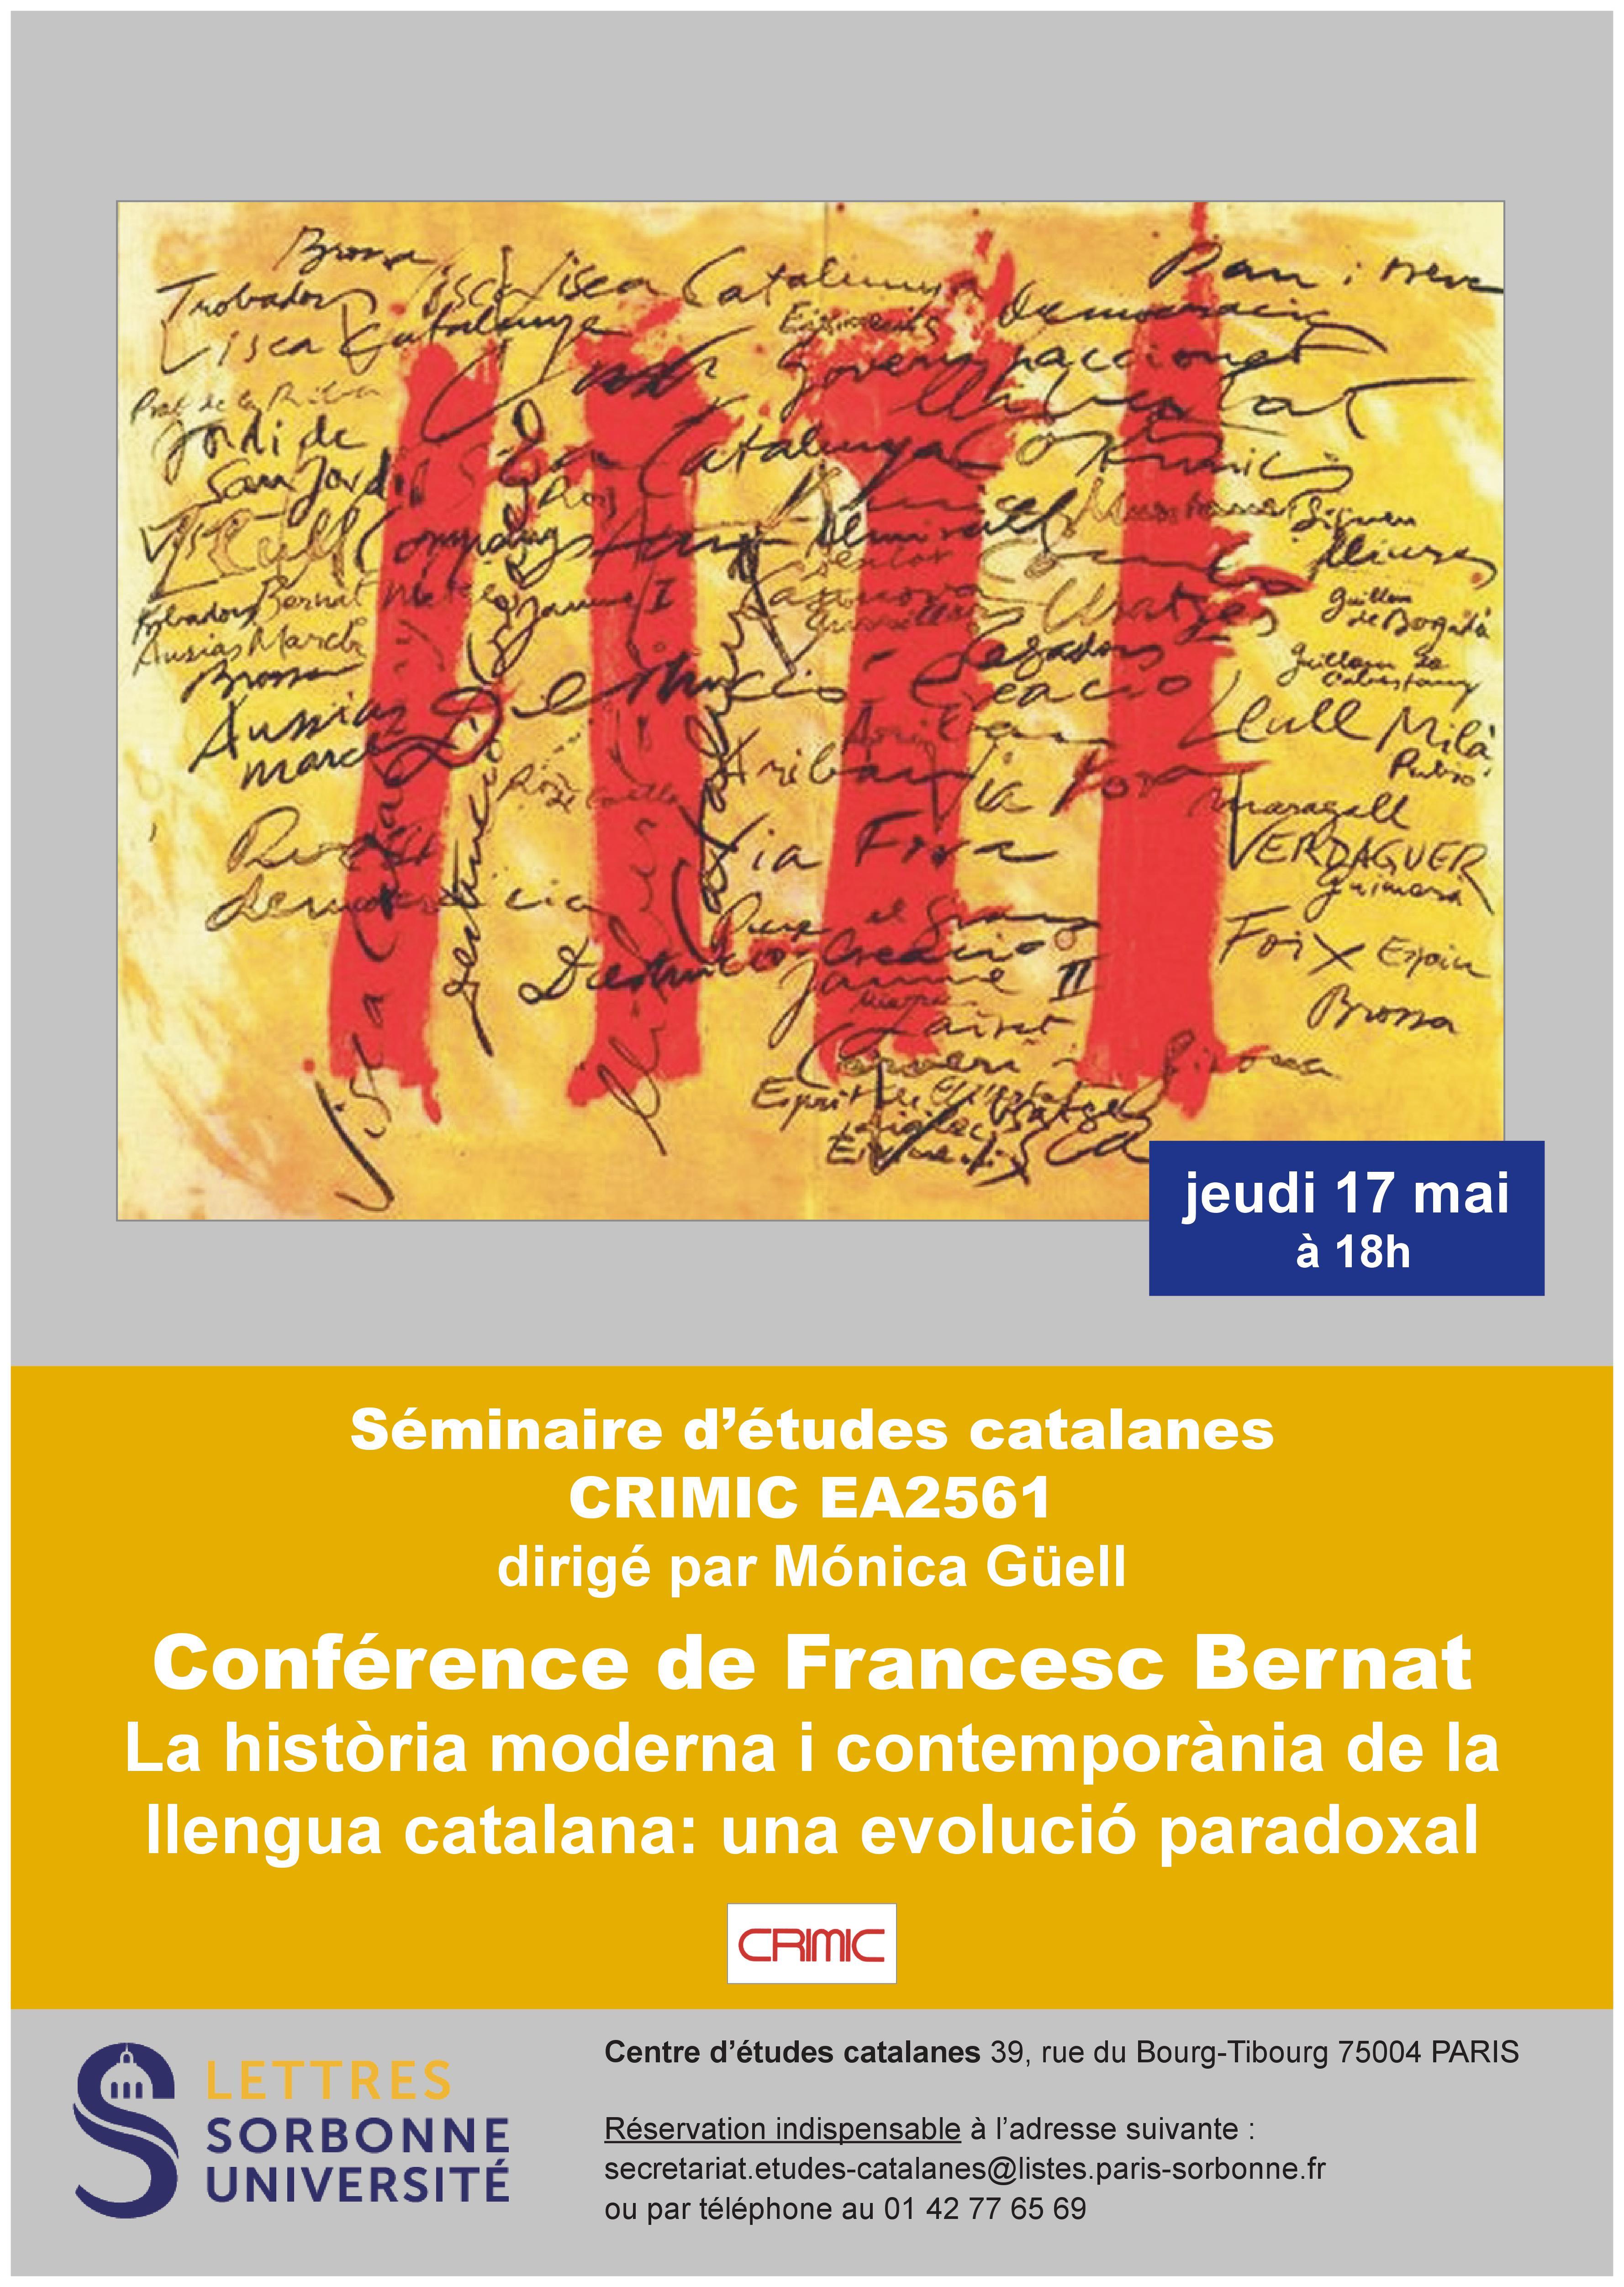 La història moderna i contemporània de la llengua catalana: una evolució paradoxal